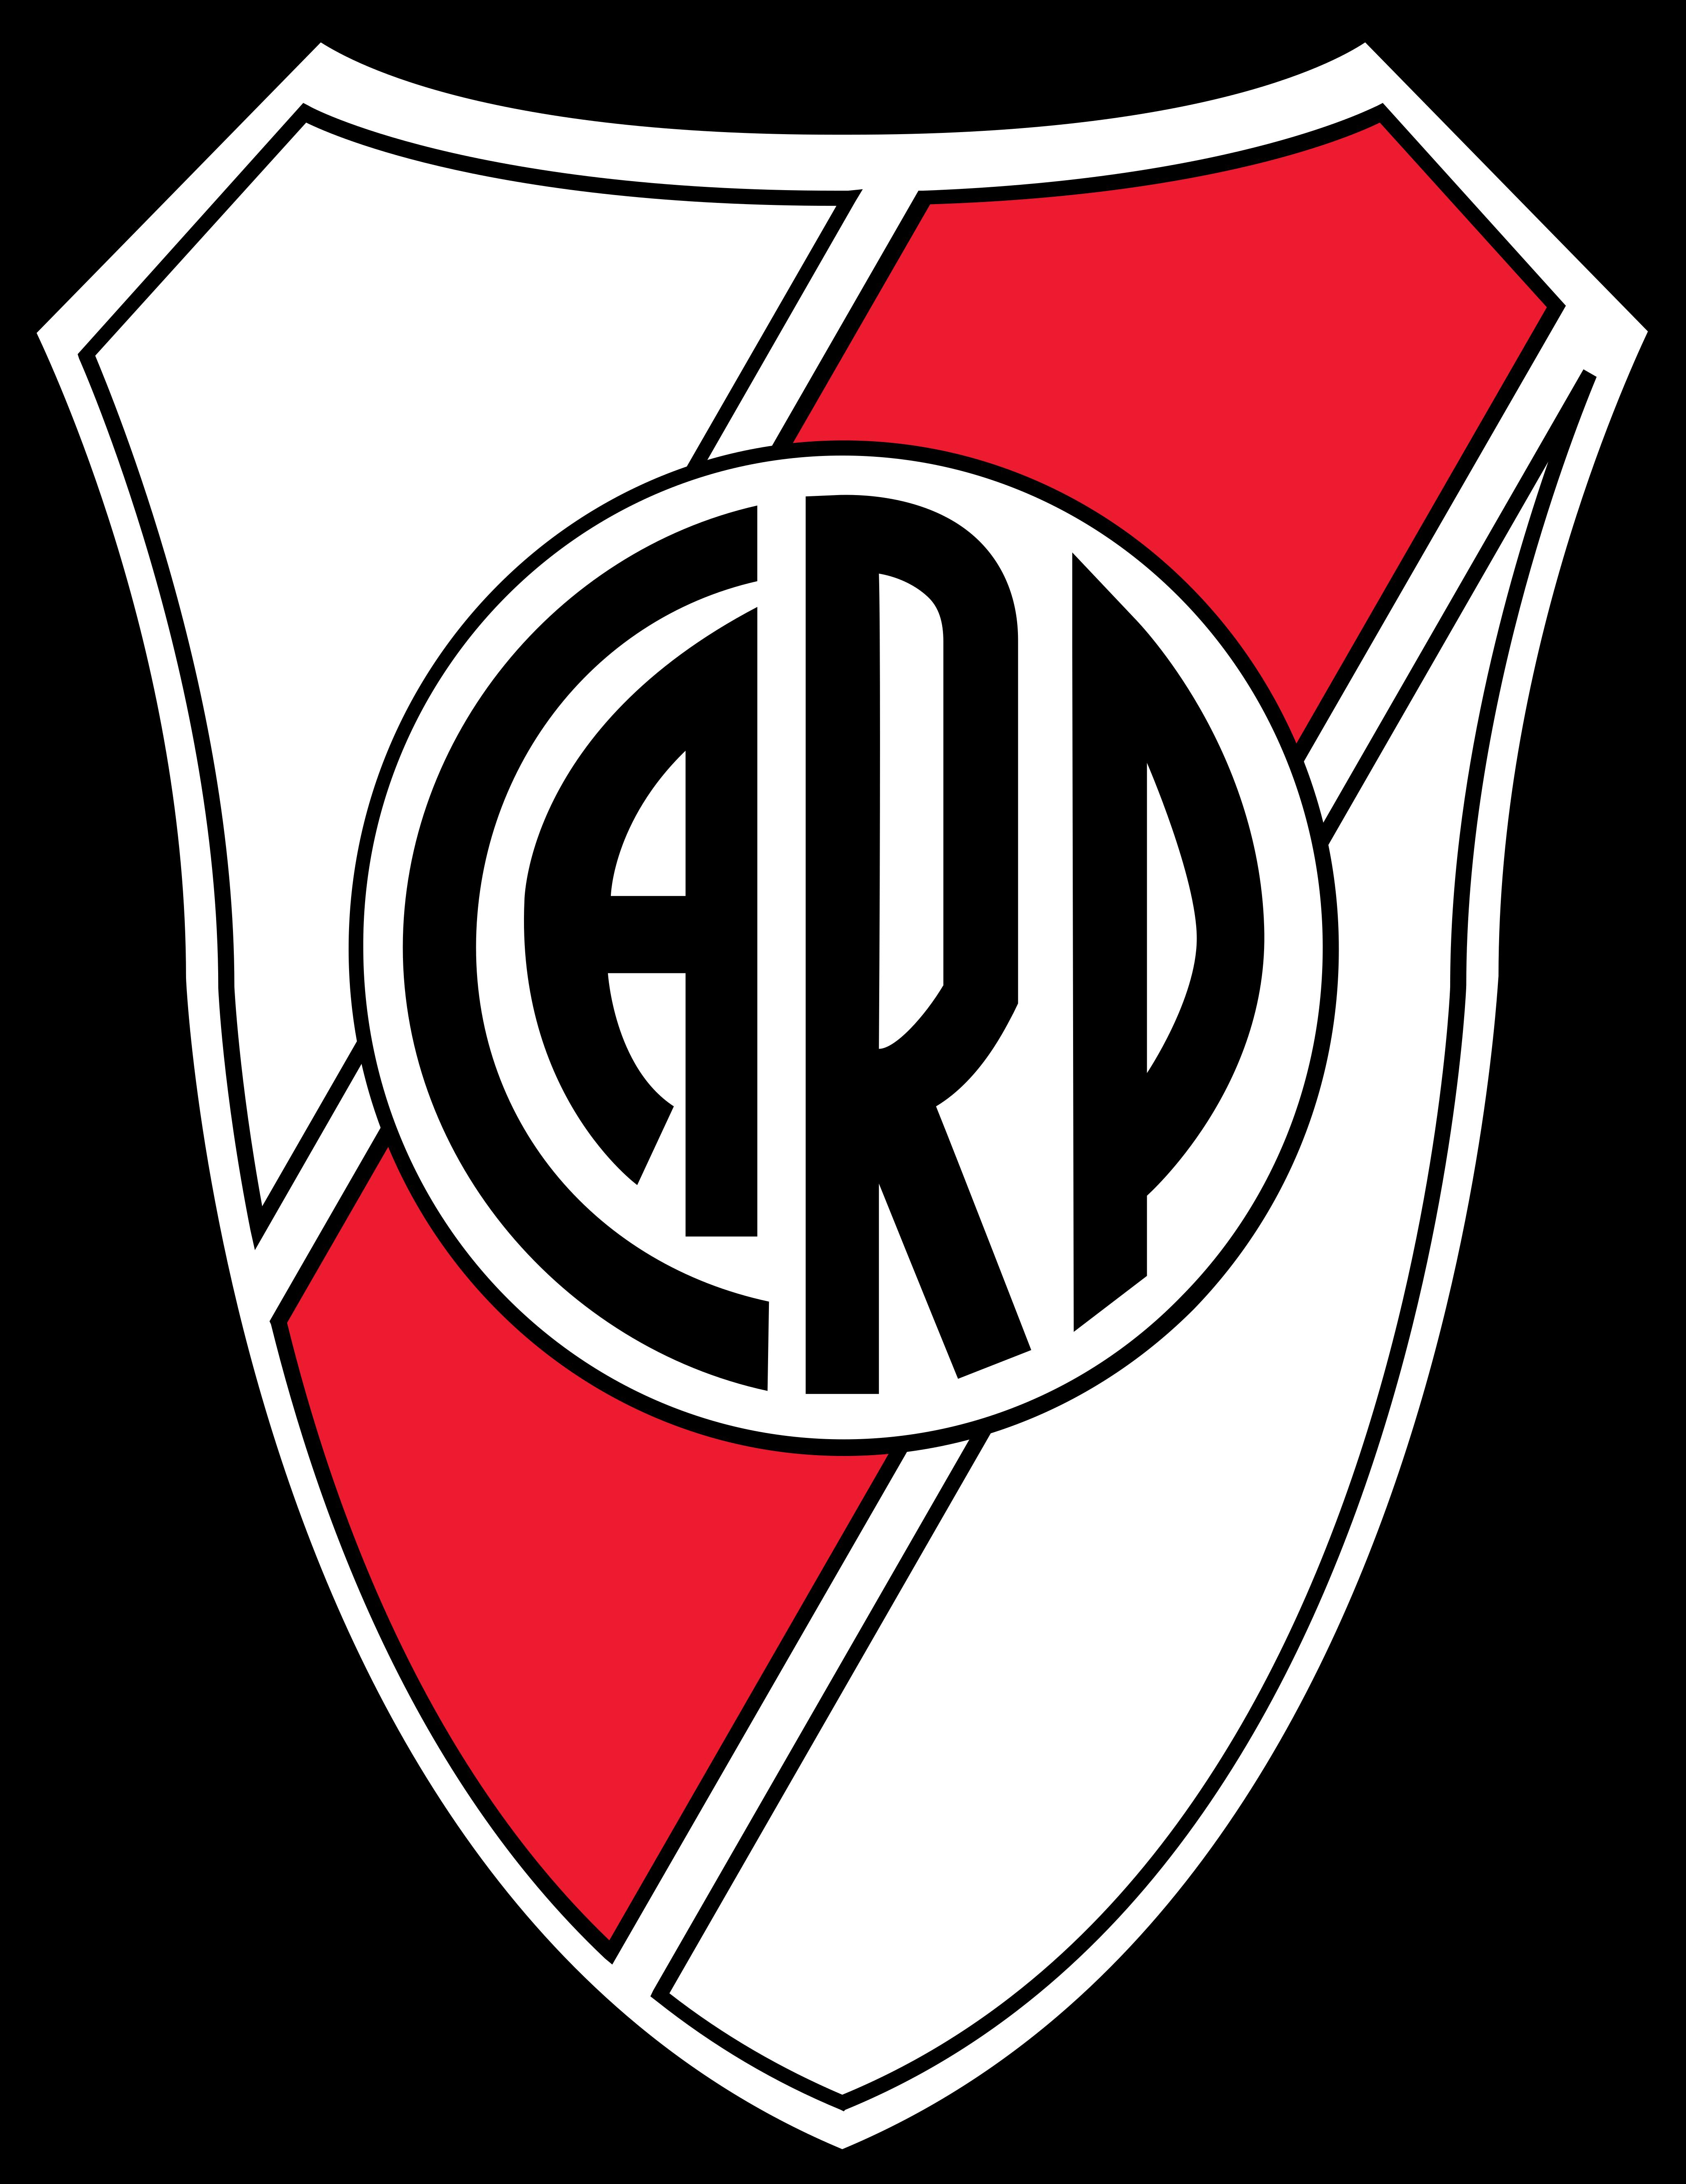 river plate logo 5 - River Plate Logo - Club Atlético River Plate Escudo